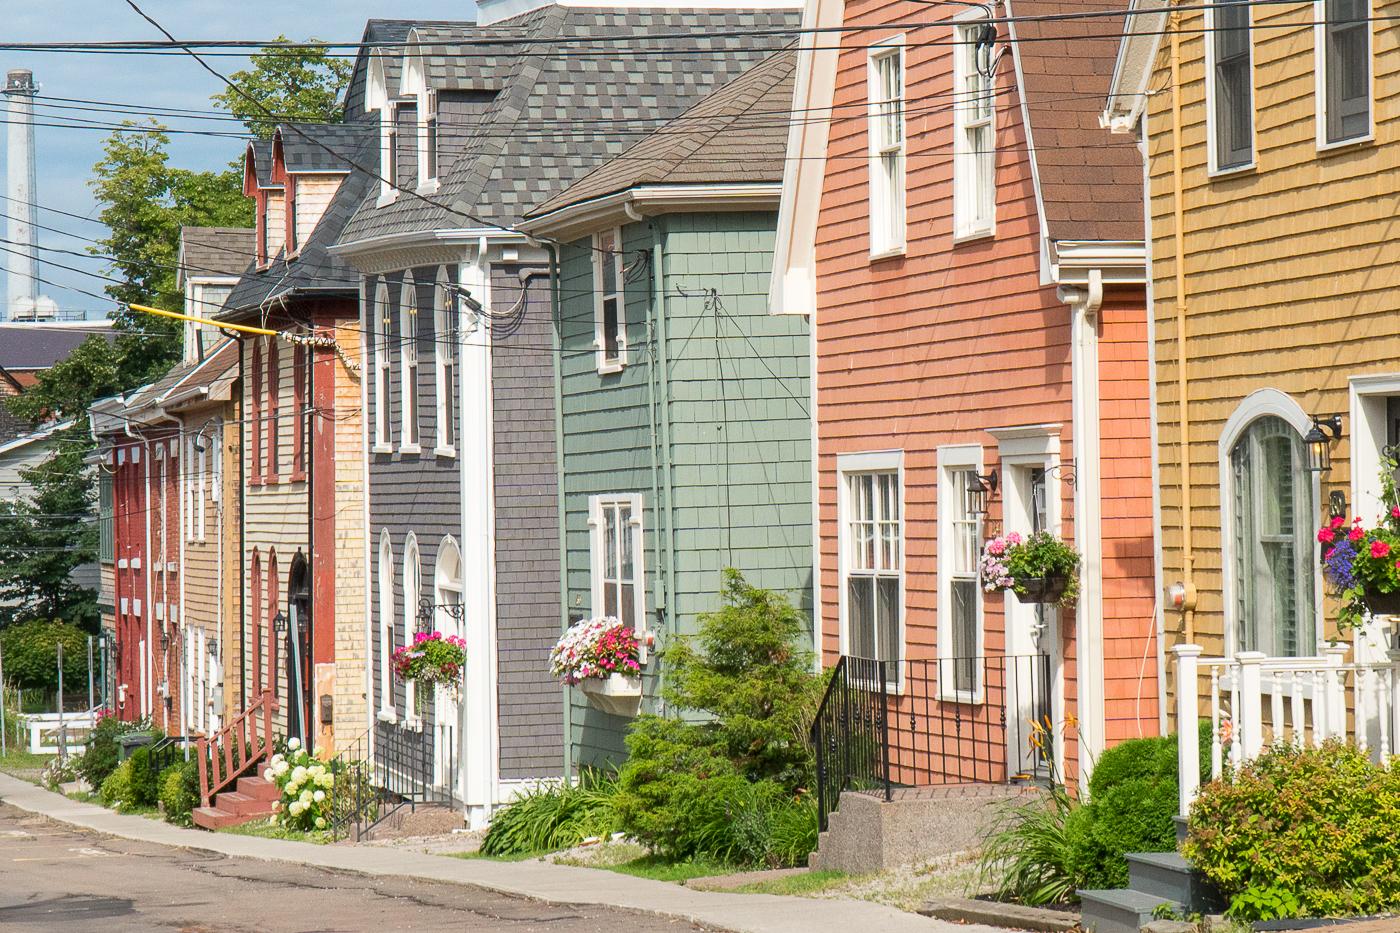 Maisons pastel - Quoi faire à Charlottetown